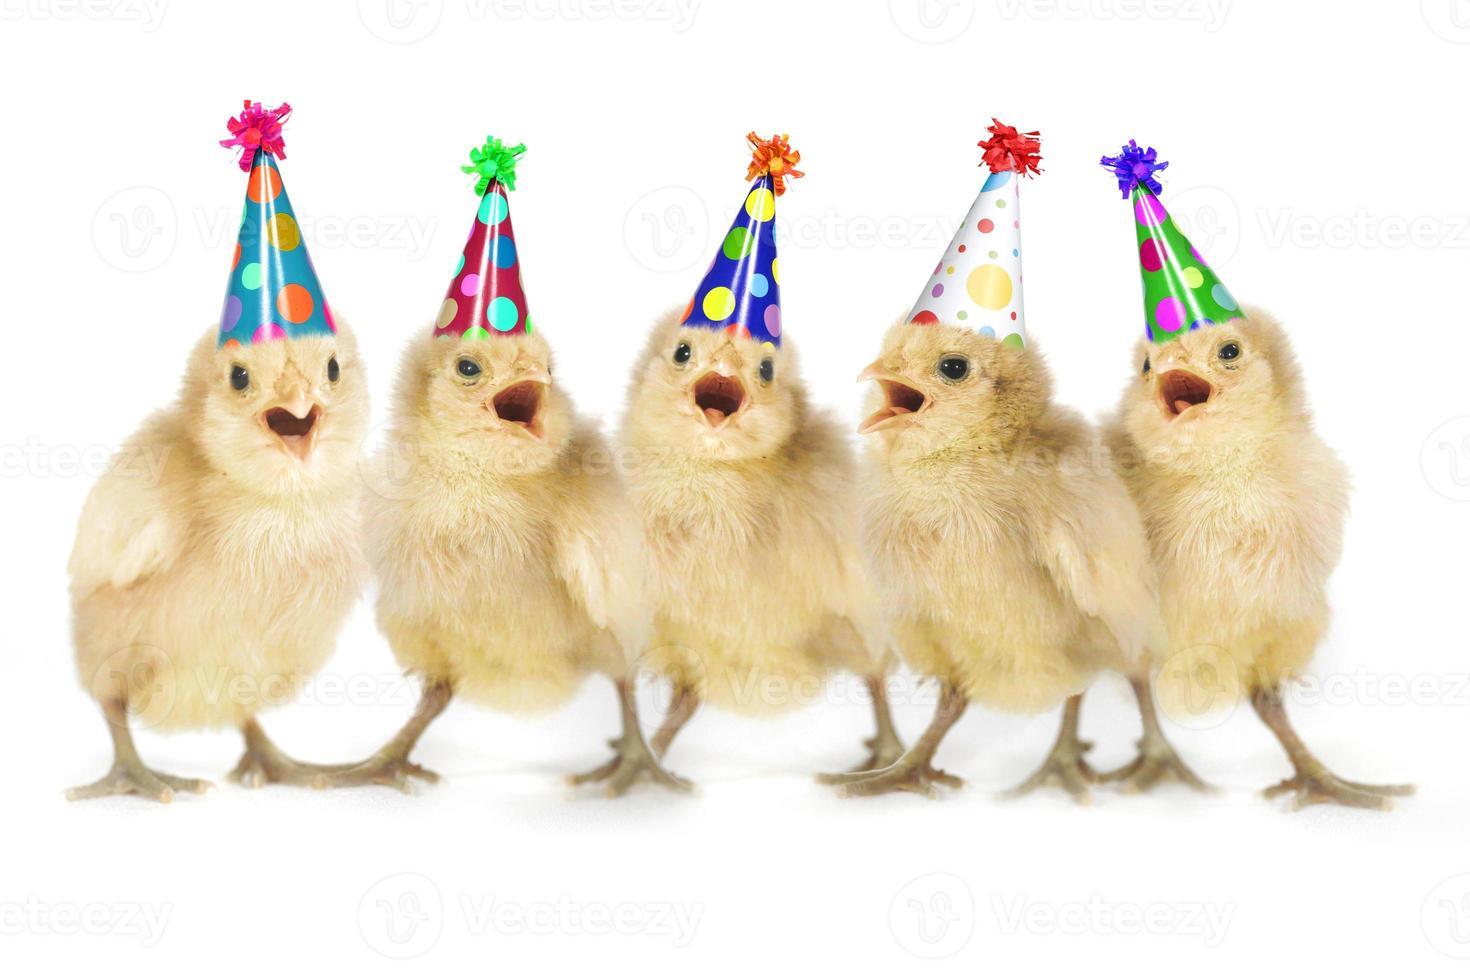 pollitos amarillos cantando feliz cumpleaños foto